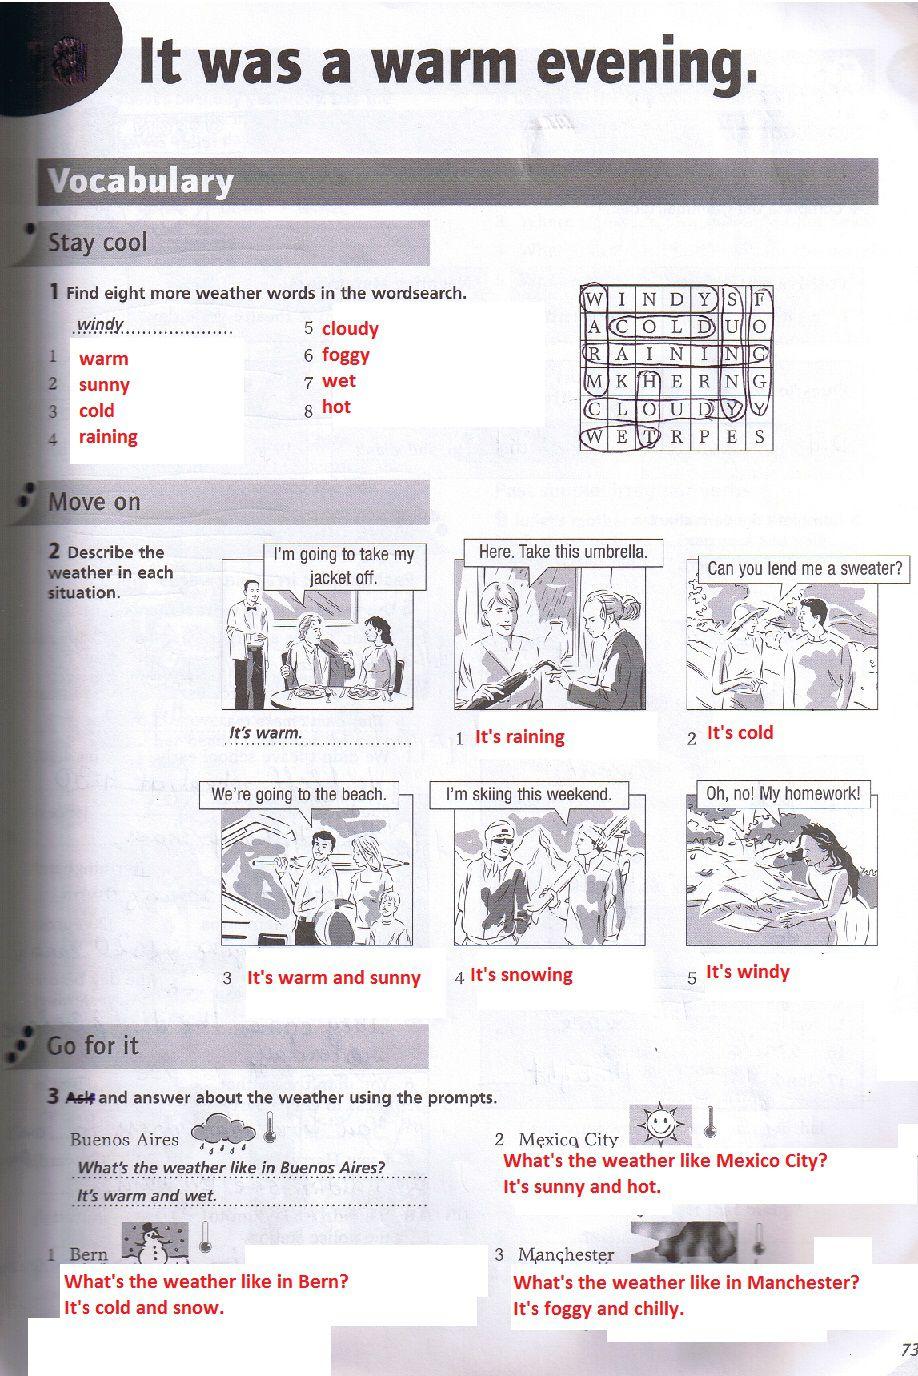 Peržiūrėti puslapį 34